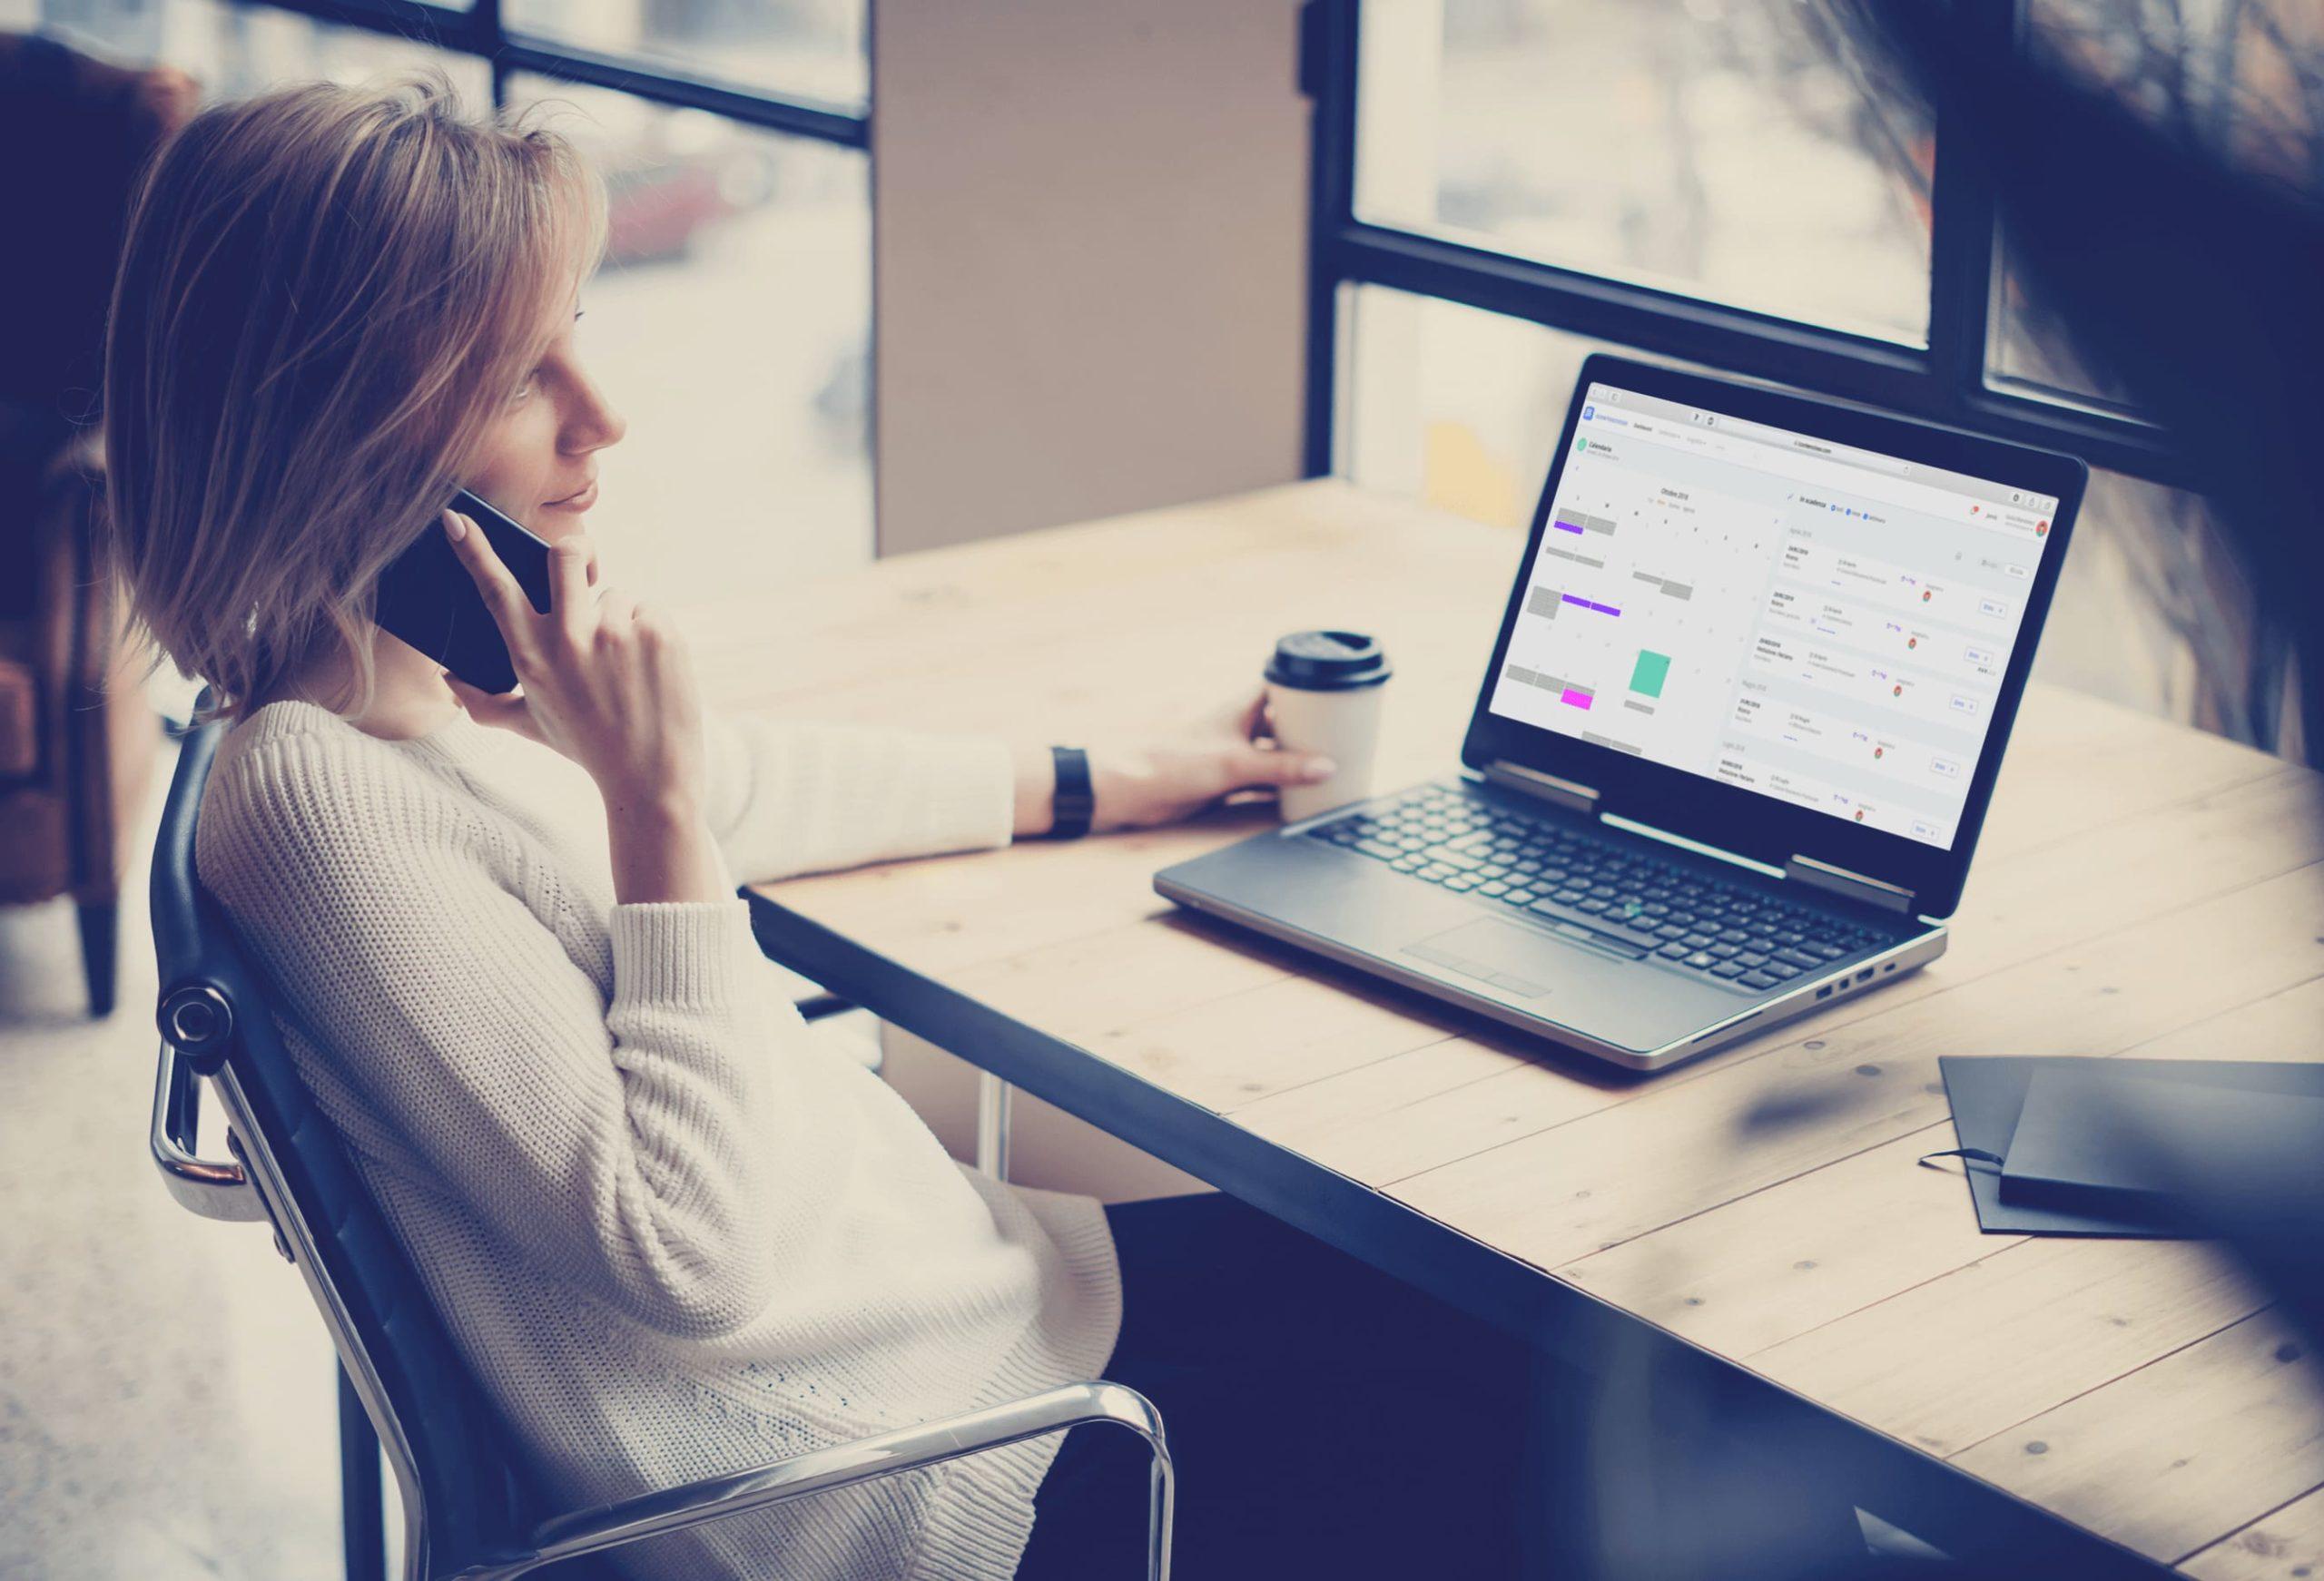 Calendario software gestionale contenzioso tributario - iContenzioso